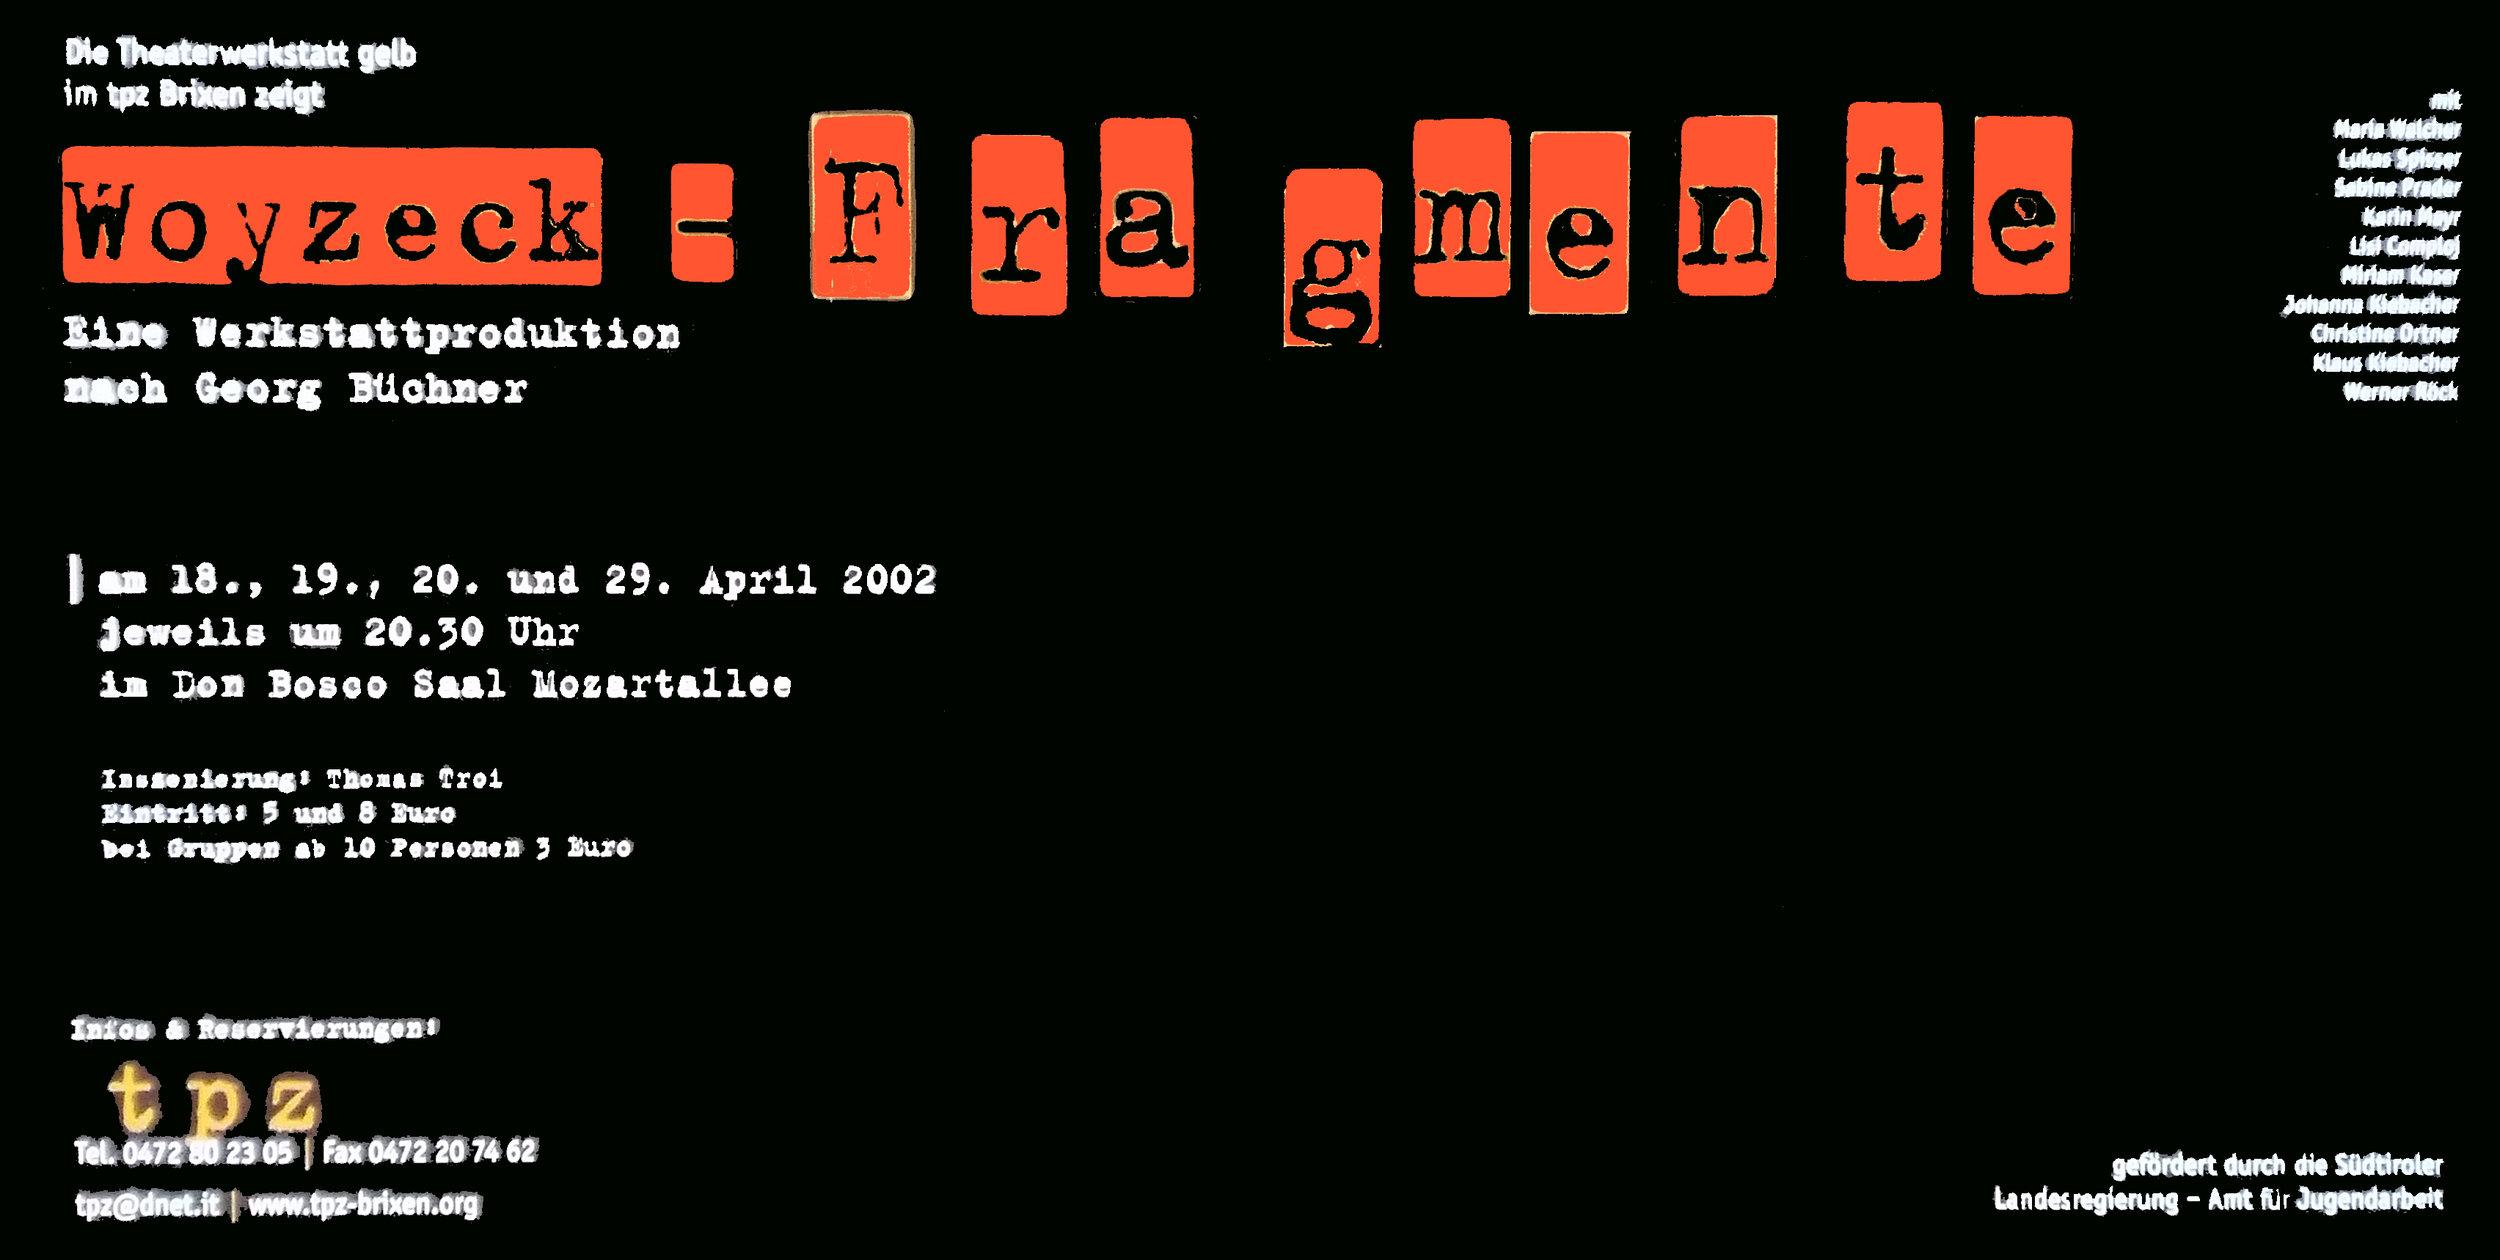 2002 gelb Woyzeck Fragmente Plakat.jpg